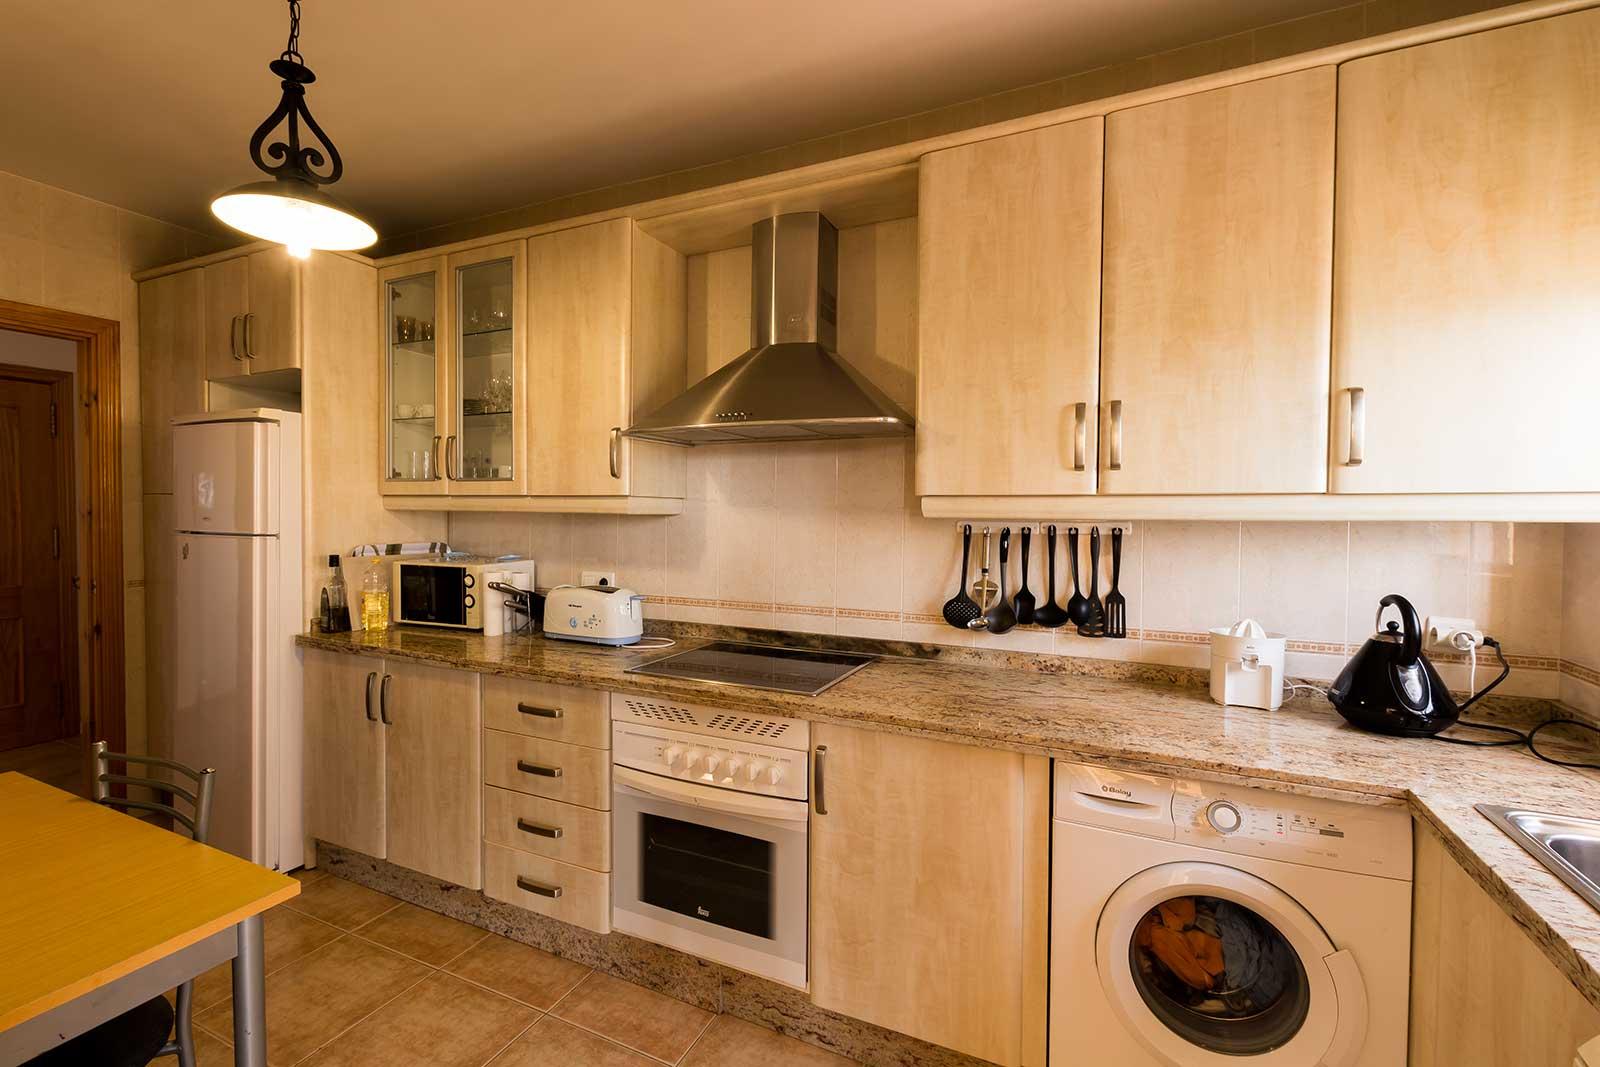 Carabeo2000-1_3 Kitchen